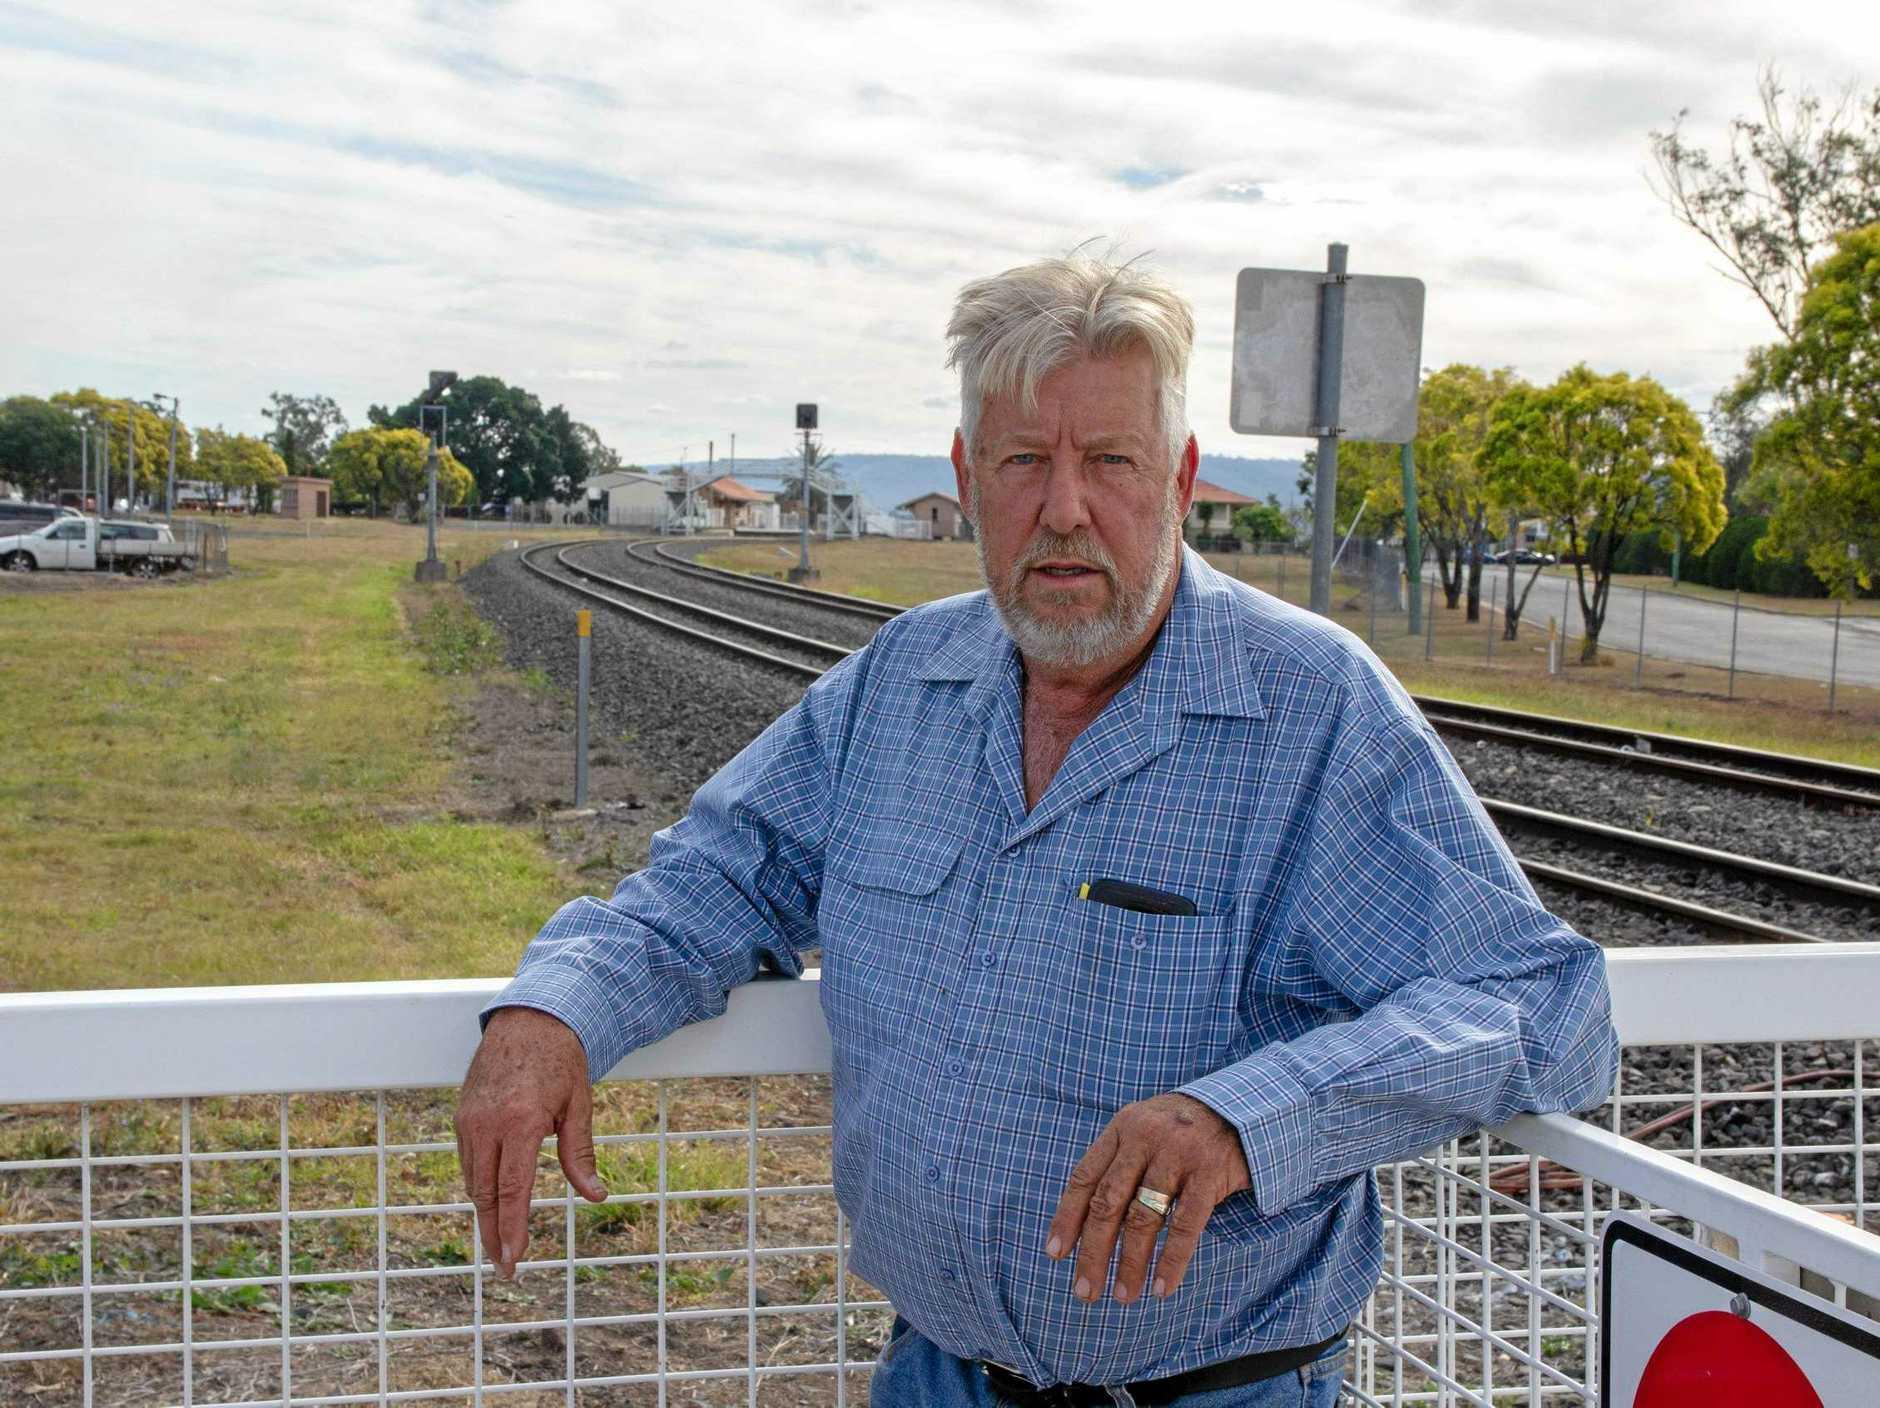 Former member for Lockyer Ian Rickuss